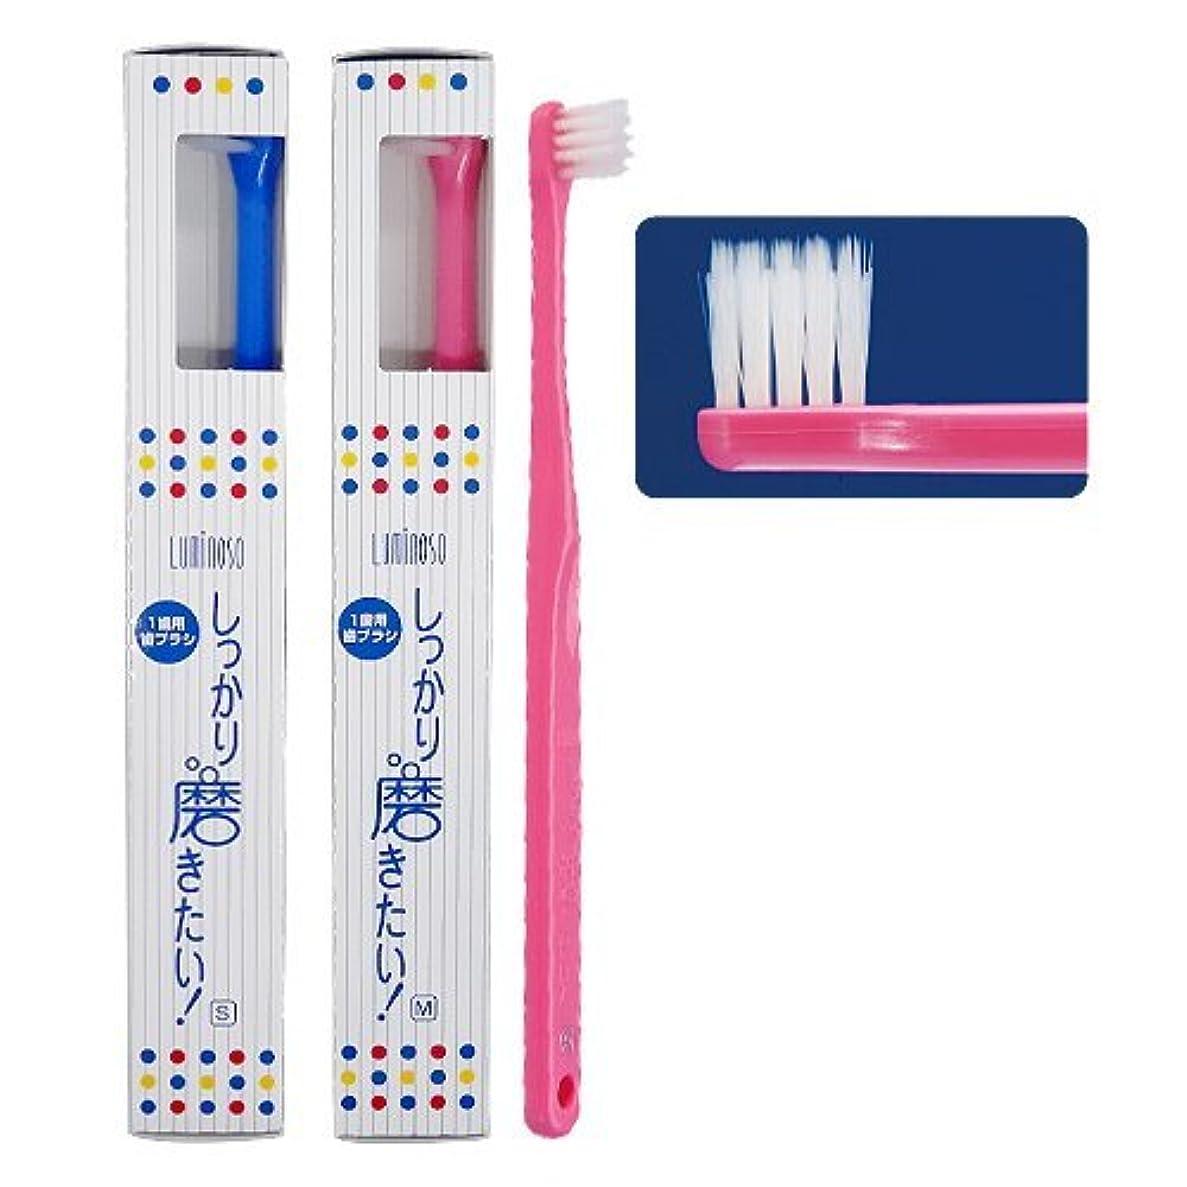 シェル魅惑する極めてルミノソ 1歯用歯ブラシ「しっかり磨きたい!」スタンダード ソフト (カラー指定不可) 5本